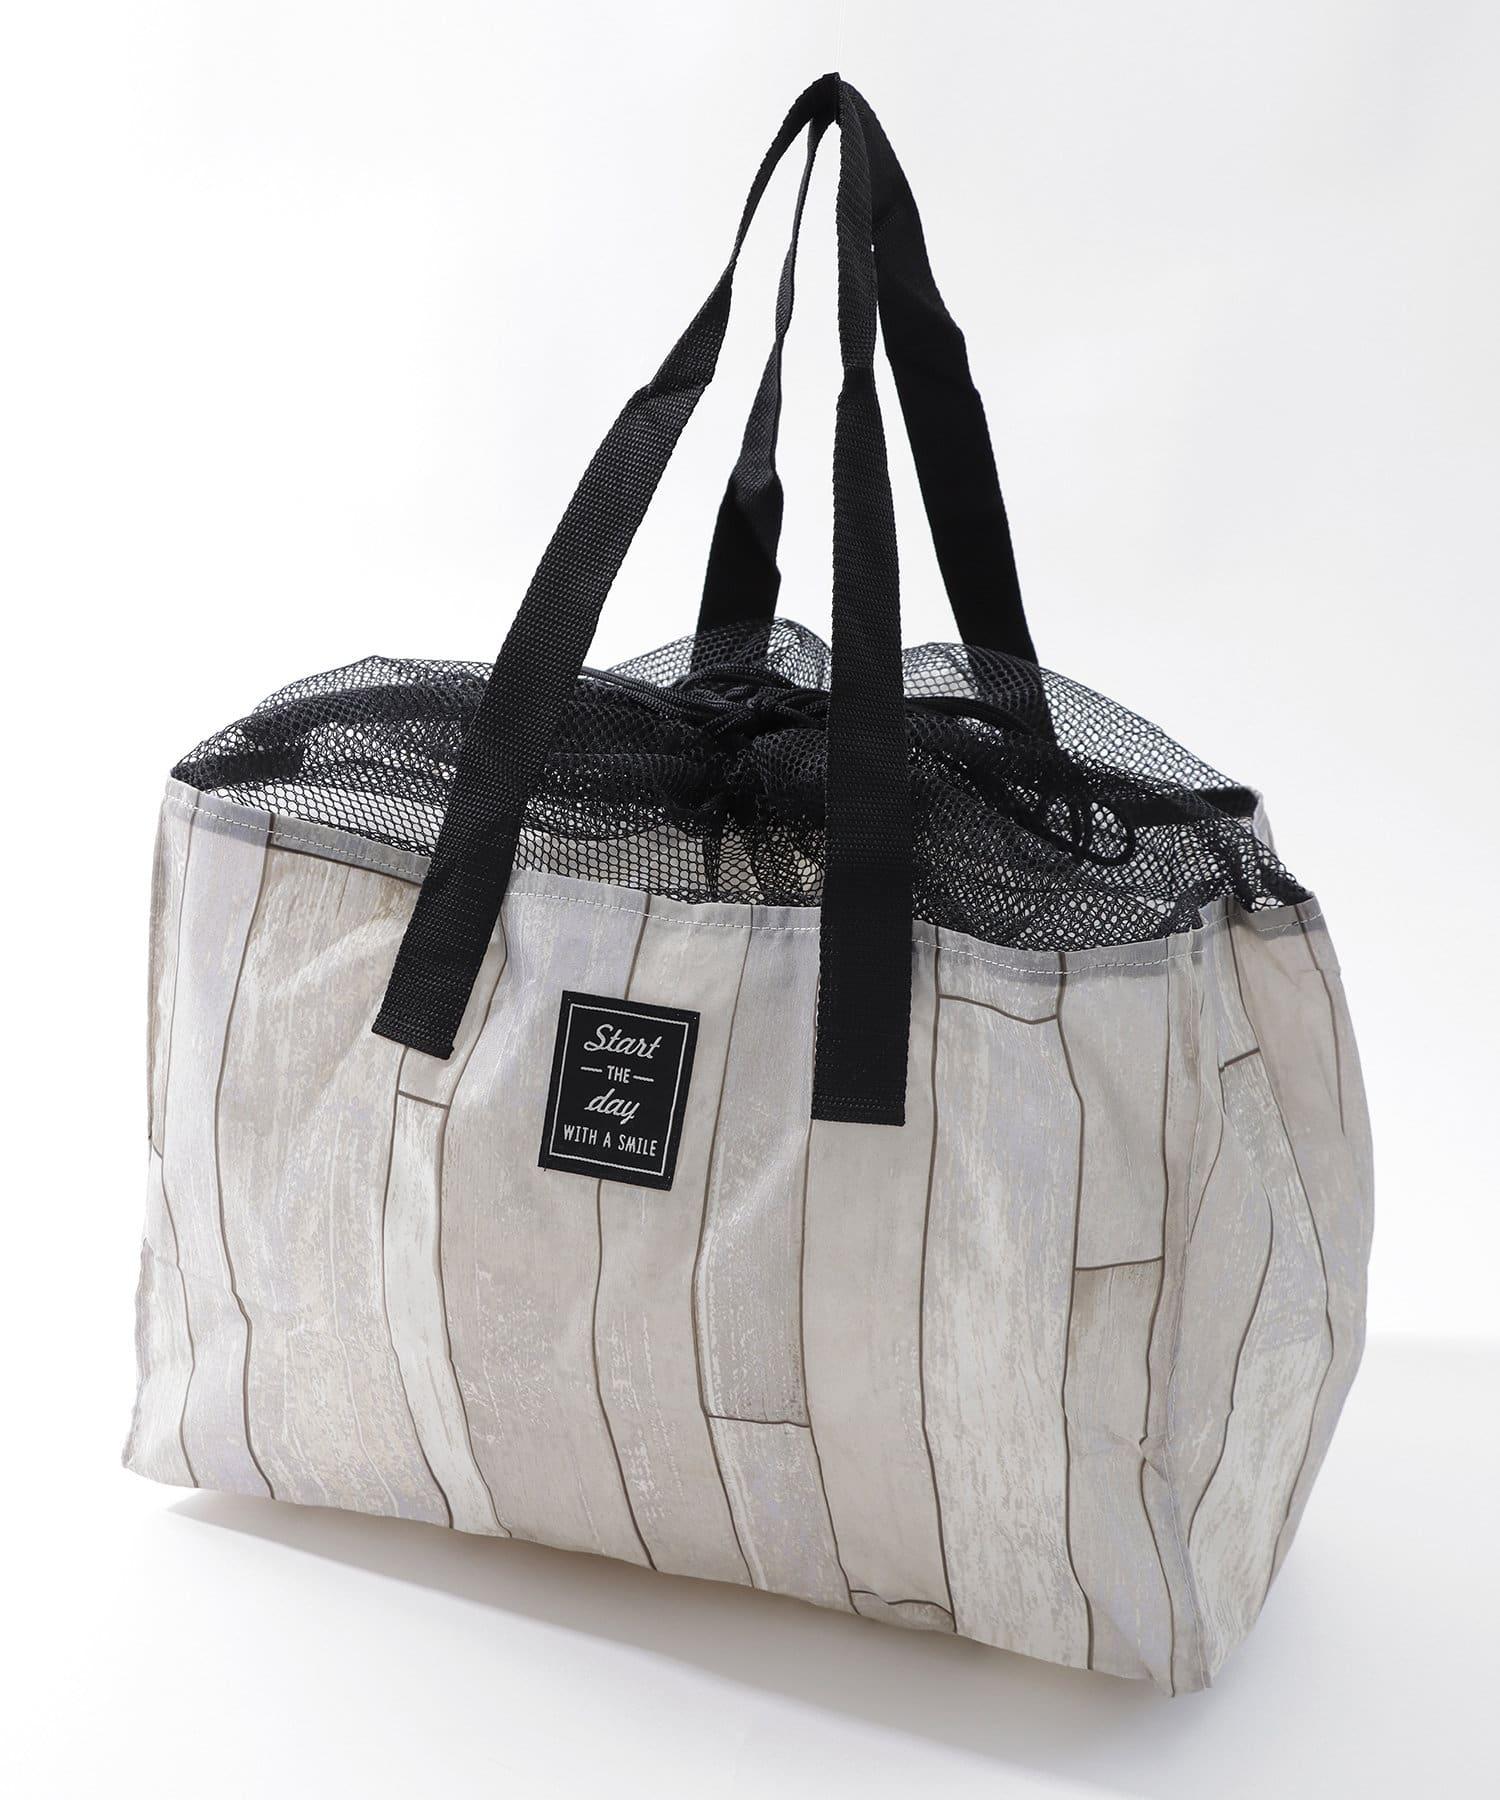 3COINS(スリーコインズ) ライフスタイル 買い物かごバッグ ホワイト